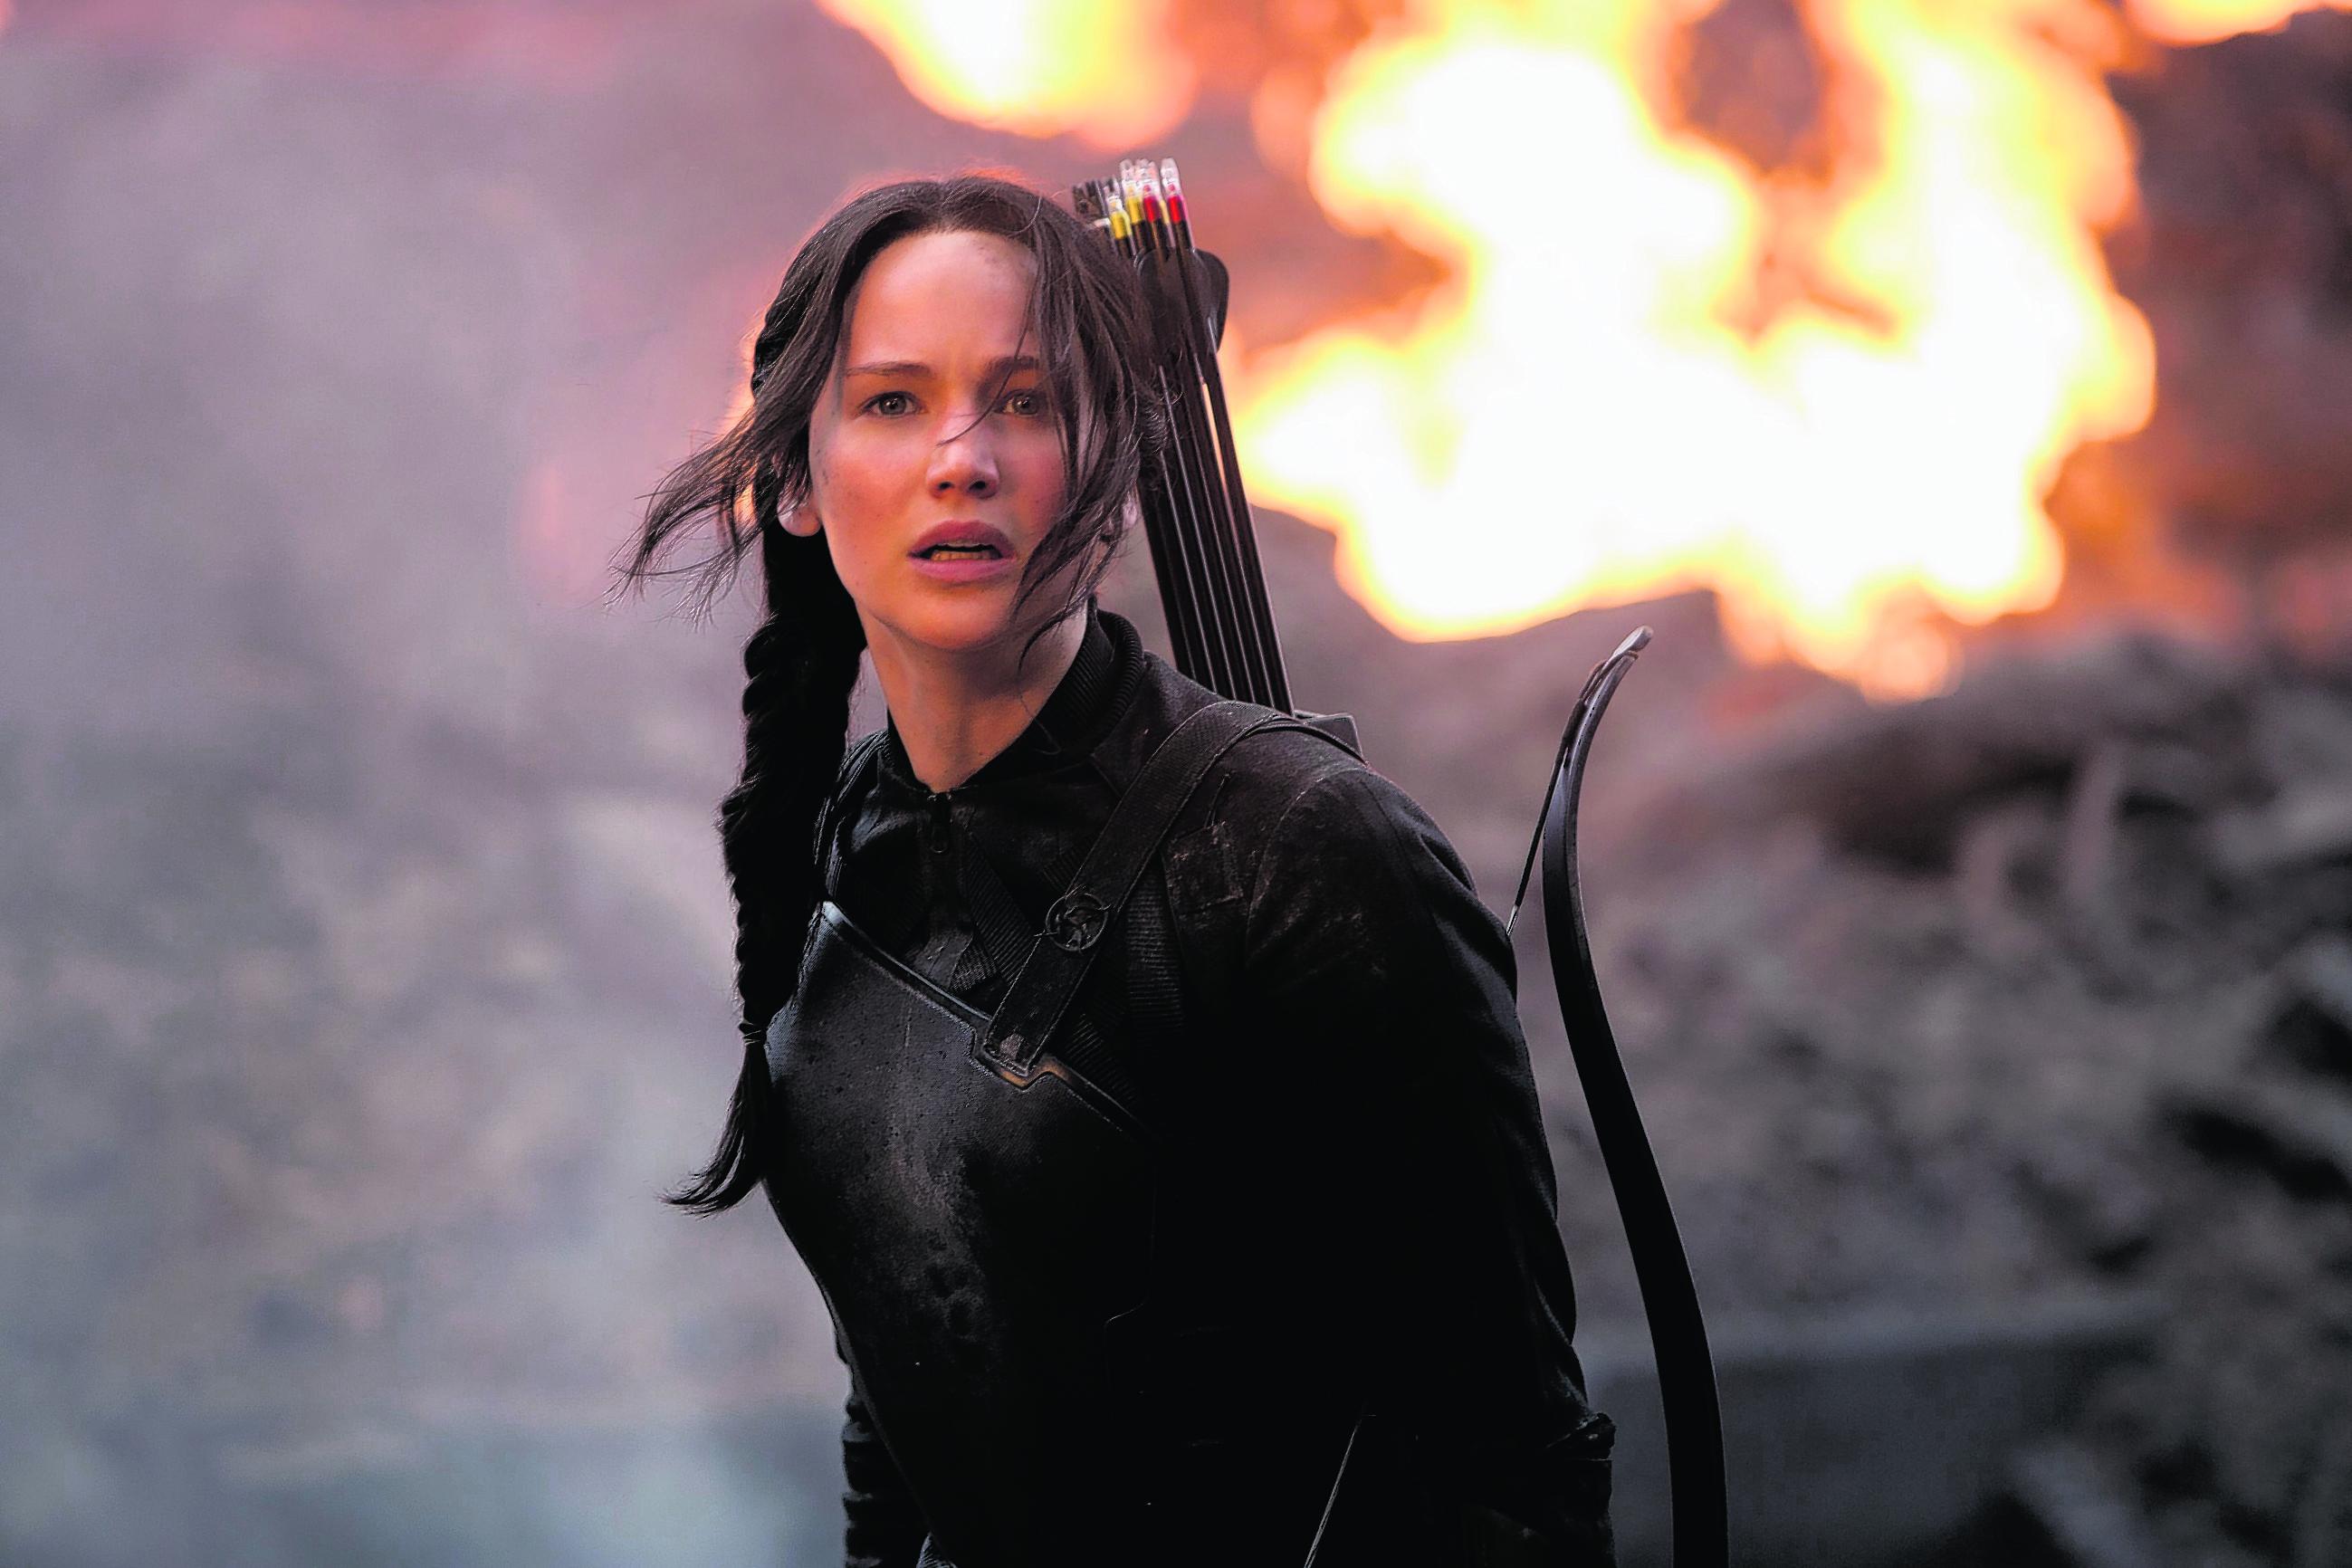 Jennifer Lawrence as reluctant heroine Katniss Everdeen